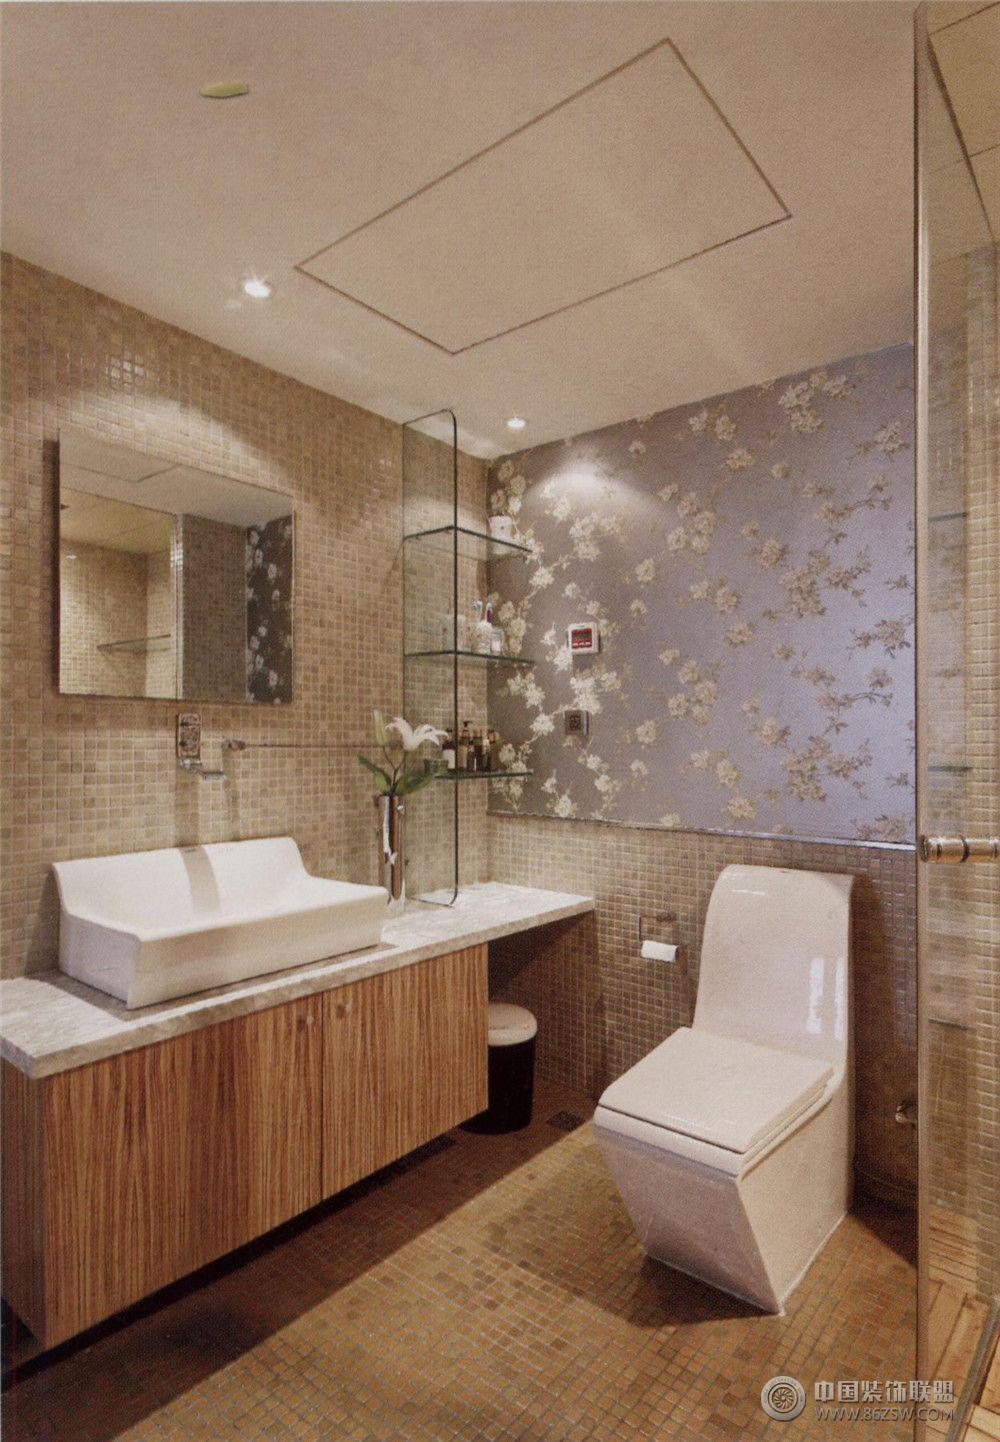 现代风格室内装修图欧式卫生间装修图片